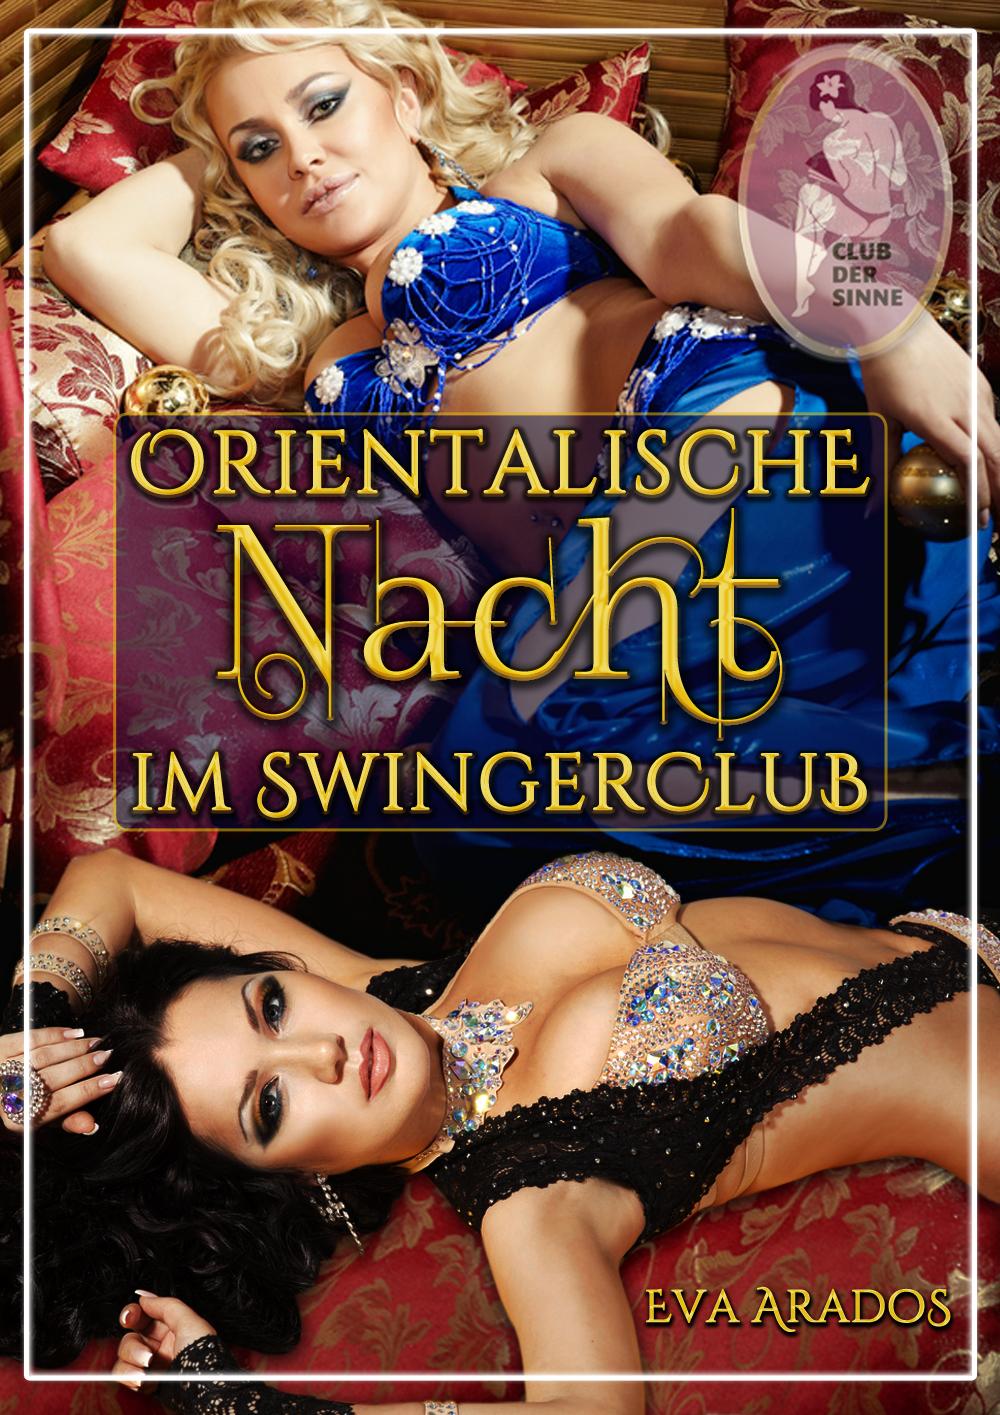 Orientalische Nacht im Swingerclub фото